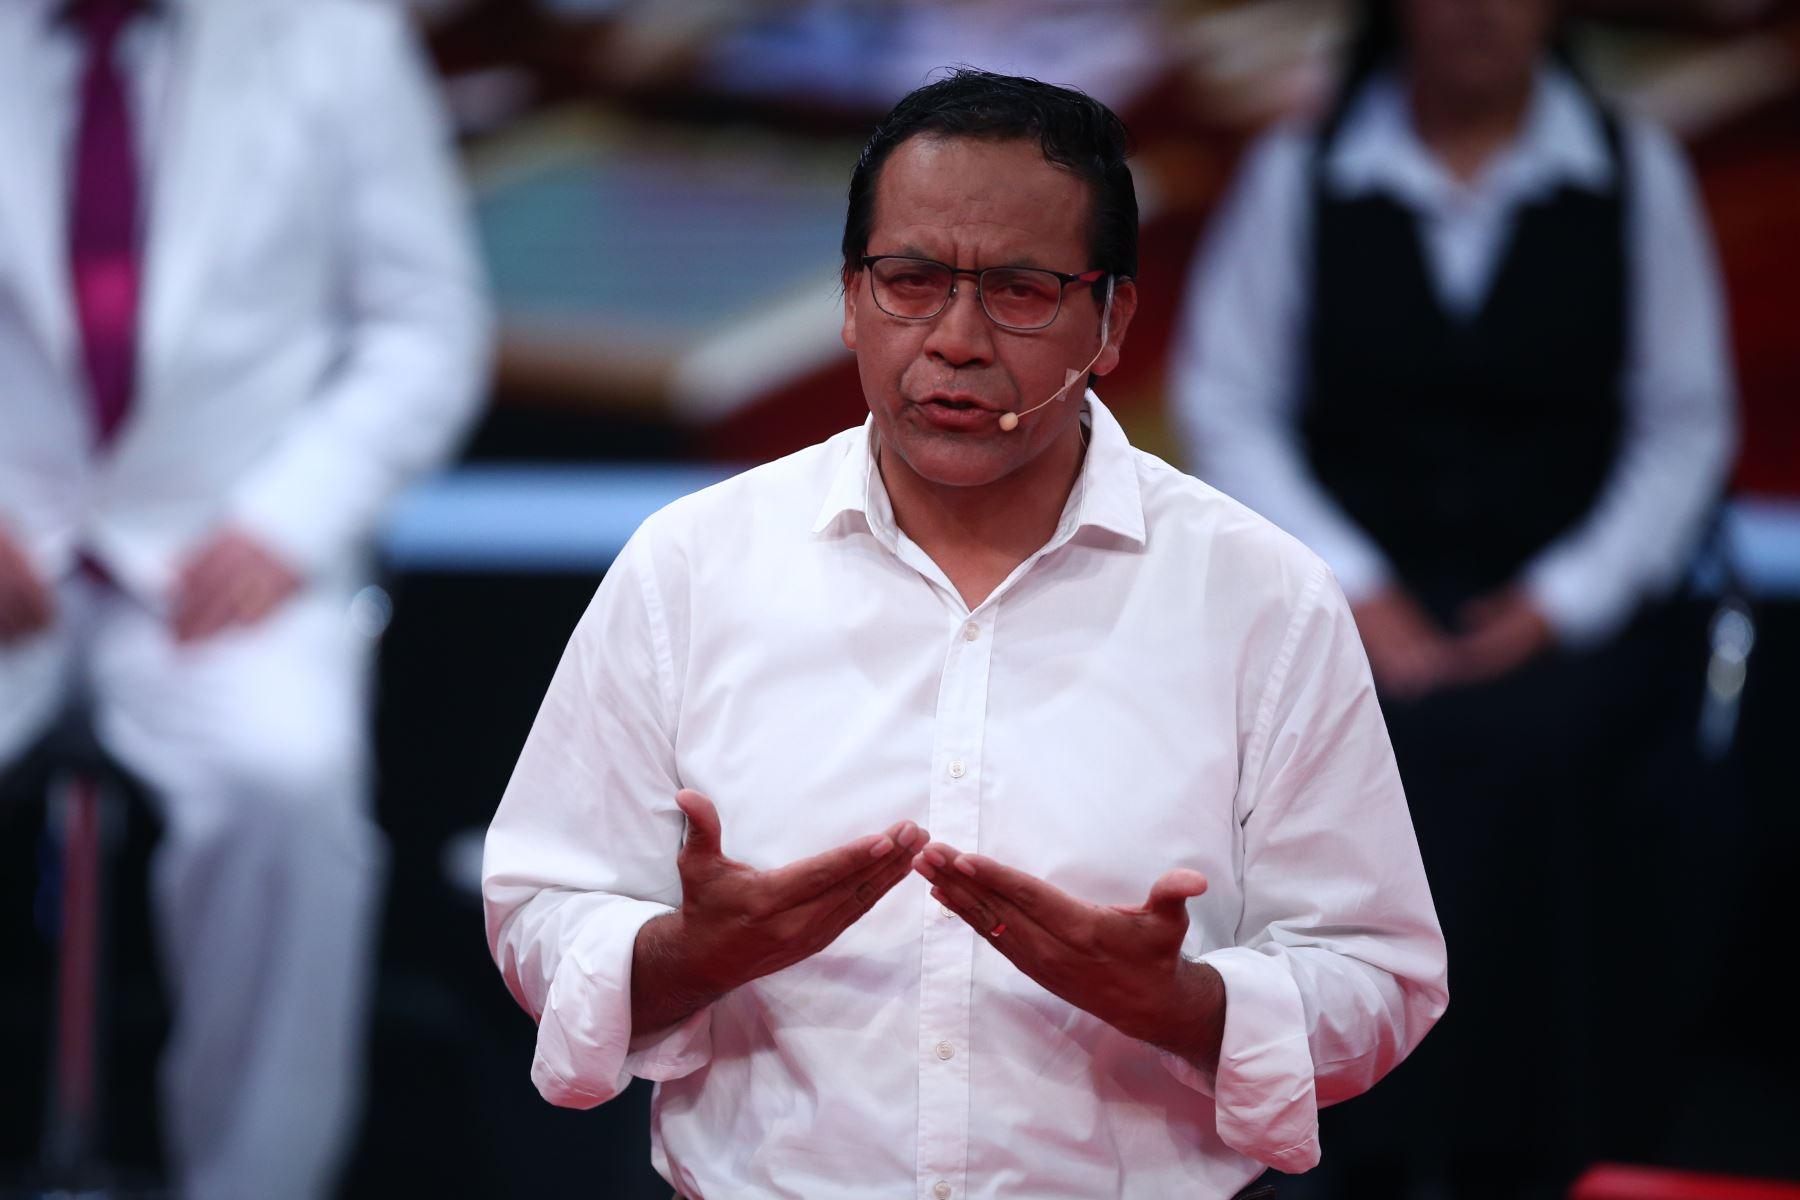 Roberto Sánchez de Juntos por el Perú participa en debate. Foto: ANDINA/Tarqui Vidal